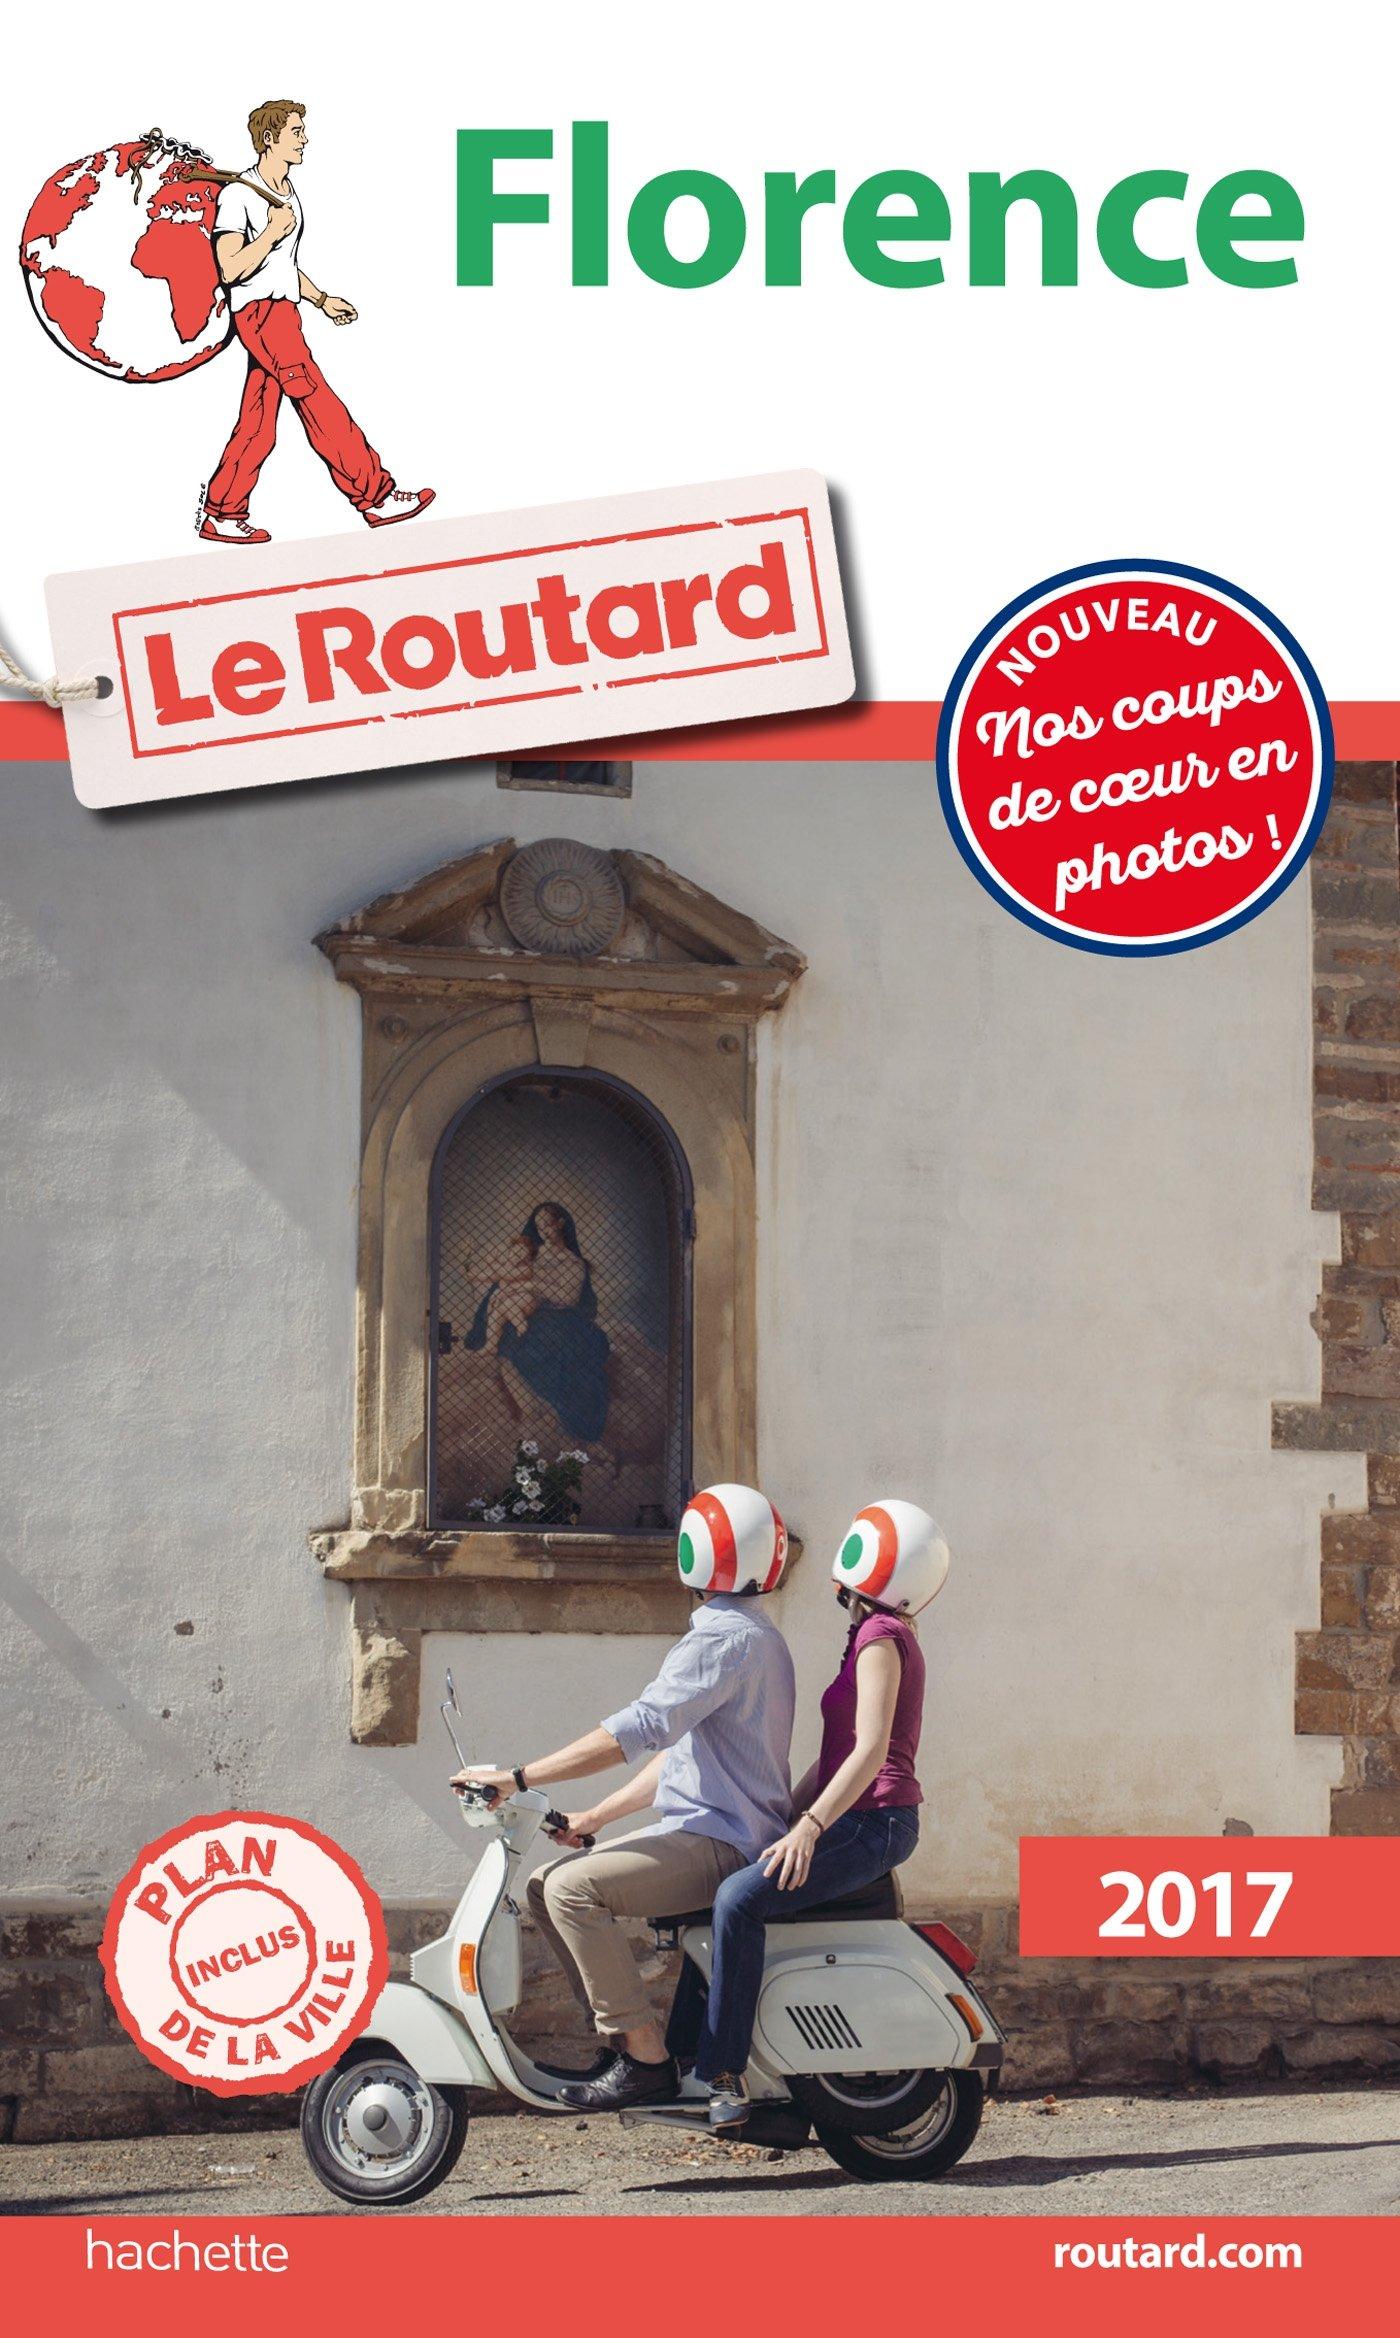 Guide du Routard Florence 2017 Broché – 25 janvier 2017 Collectif Hachette Tourisme 2012799000 TRAVEL / General